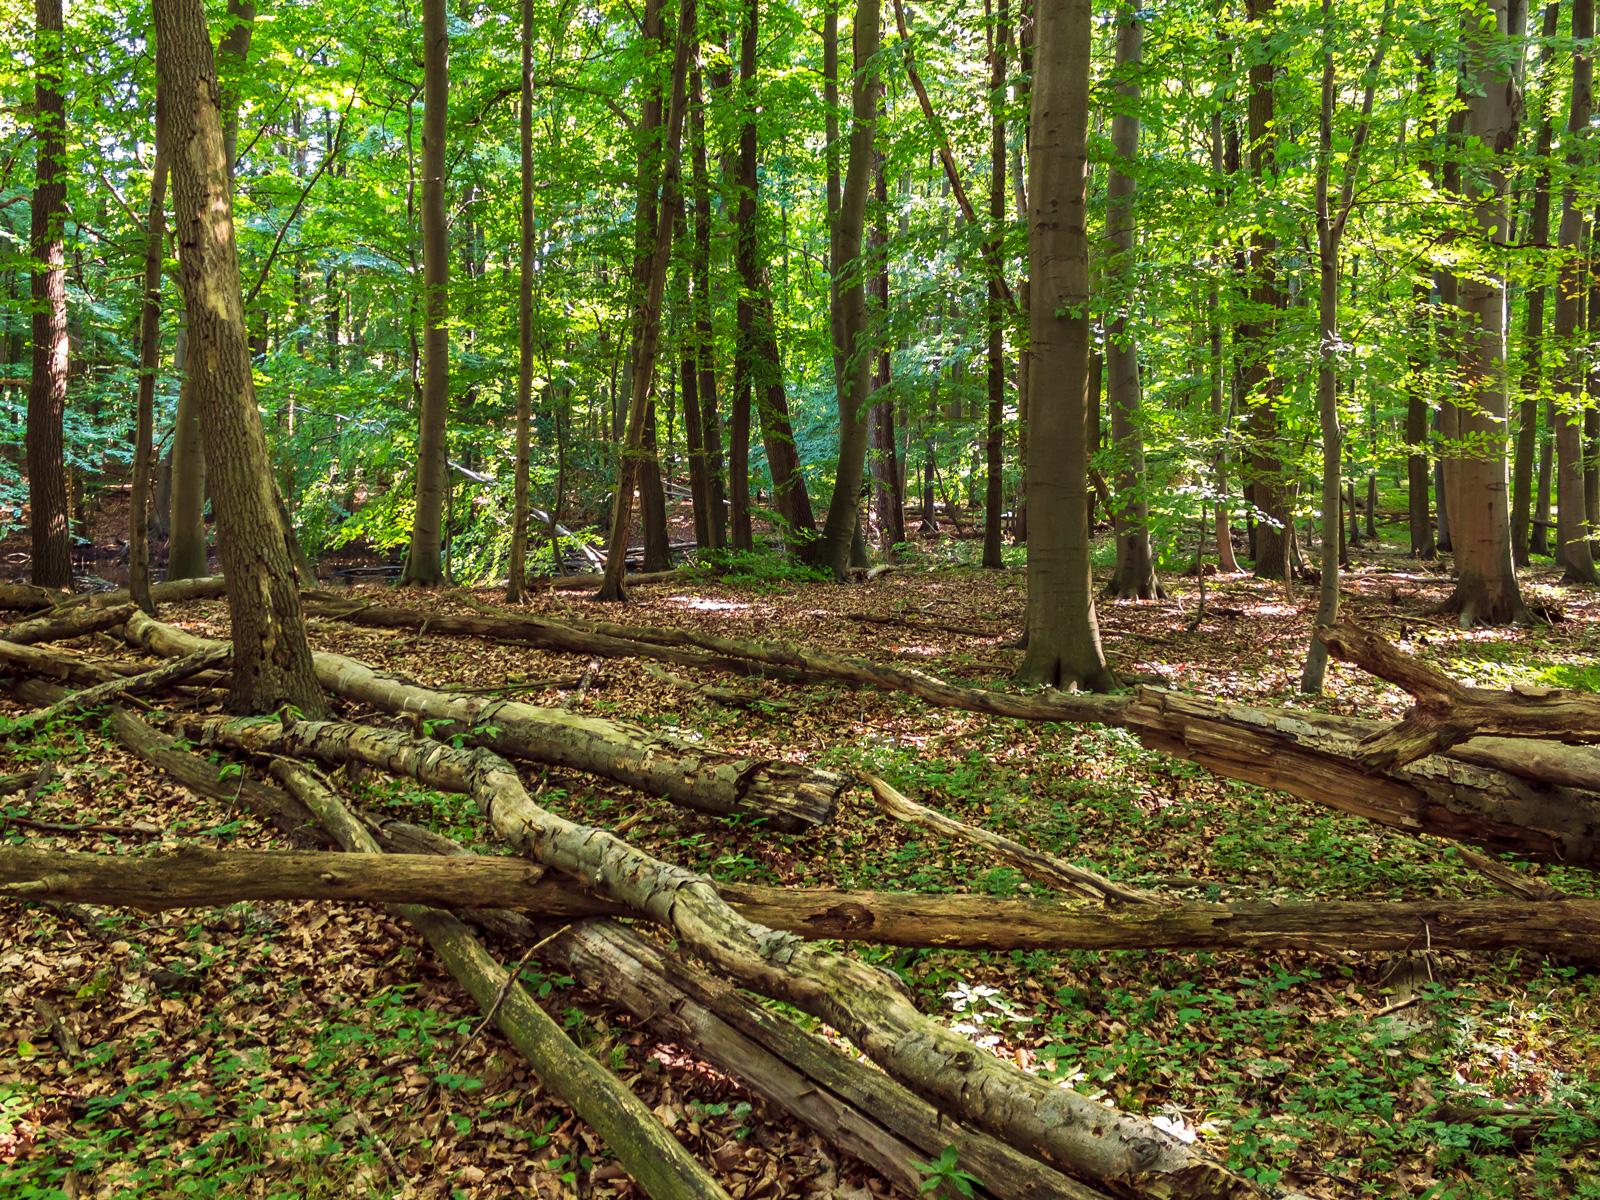 liegendes Totholz